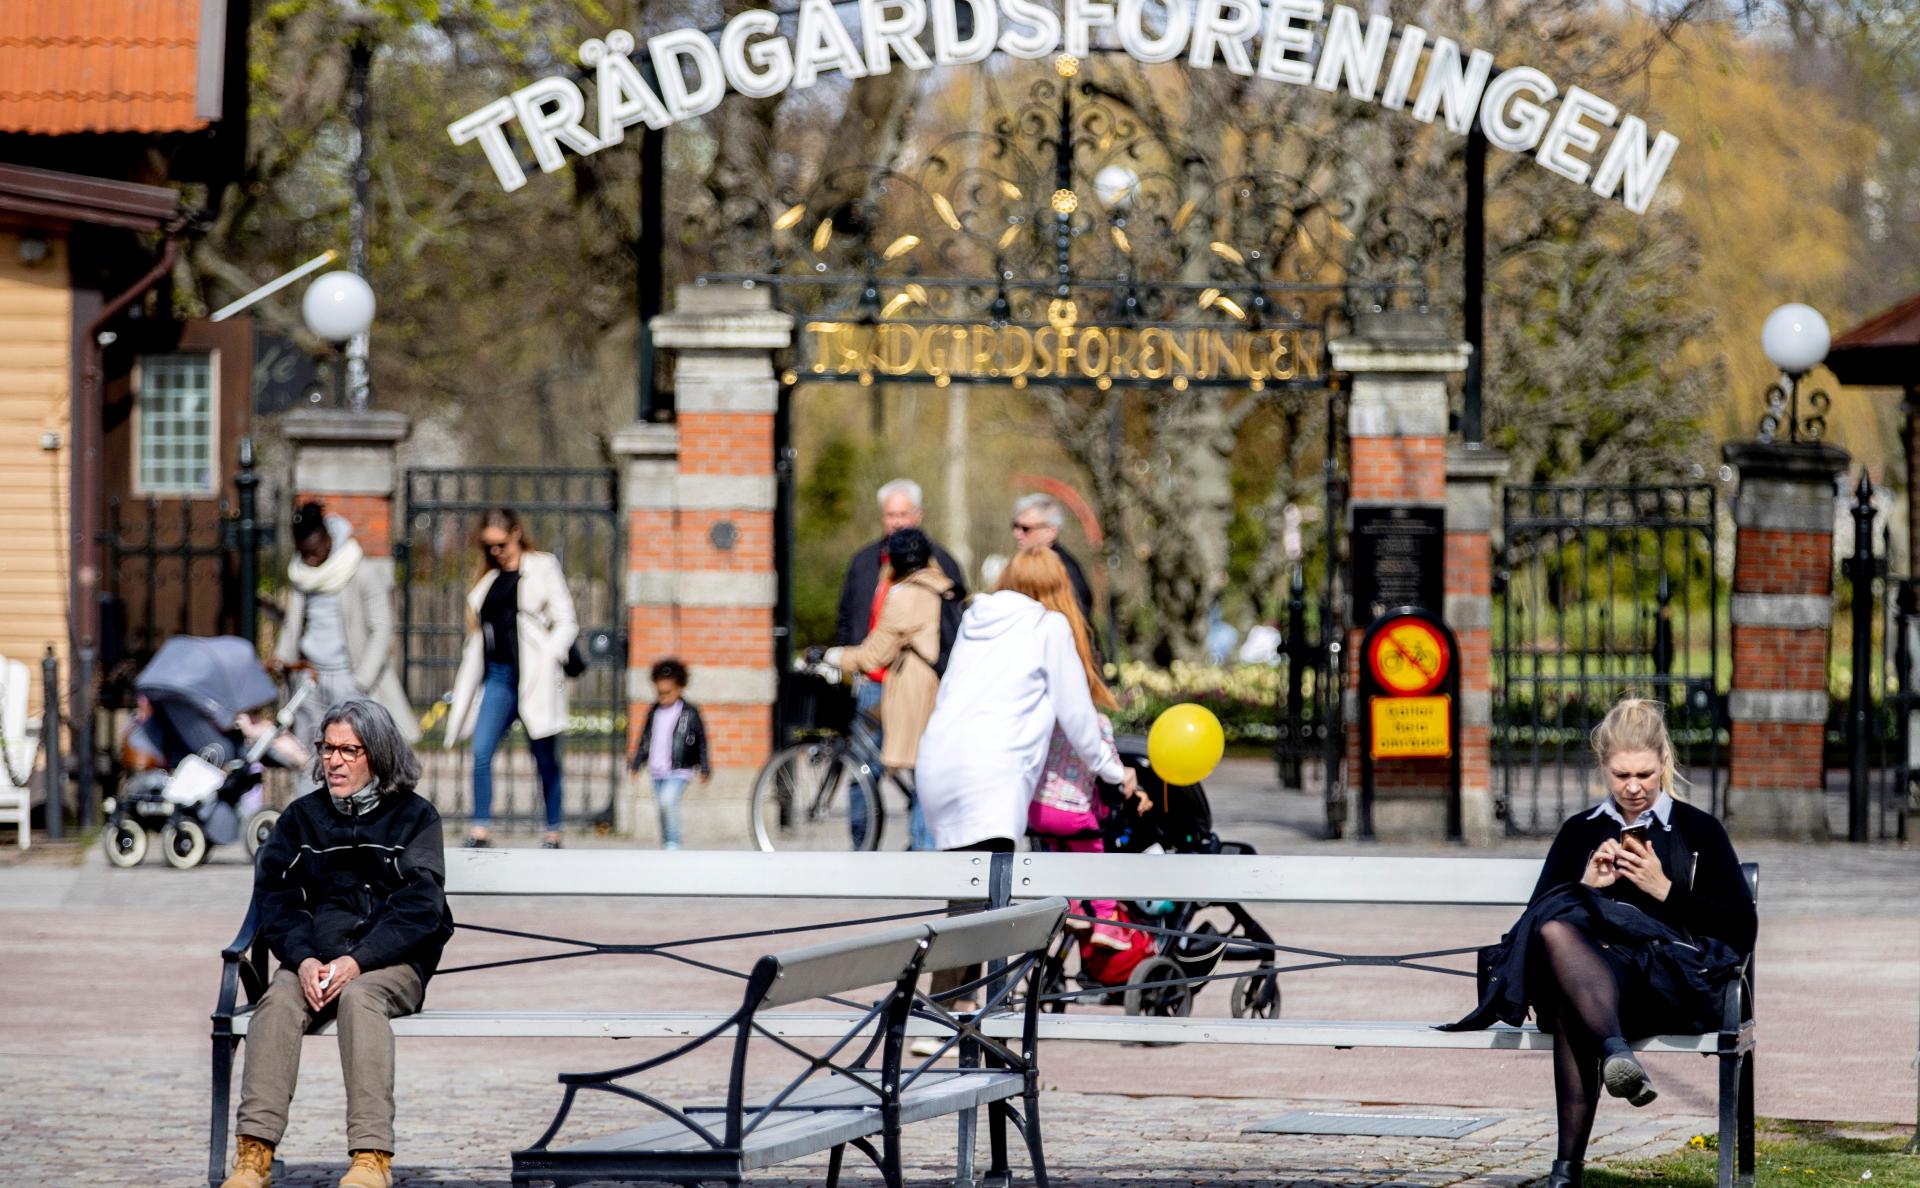 Bloomberg сообщил о глубоком кризисе в Швеции